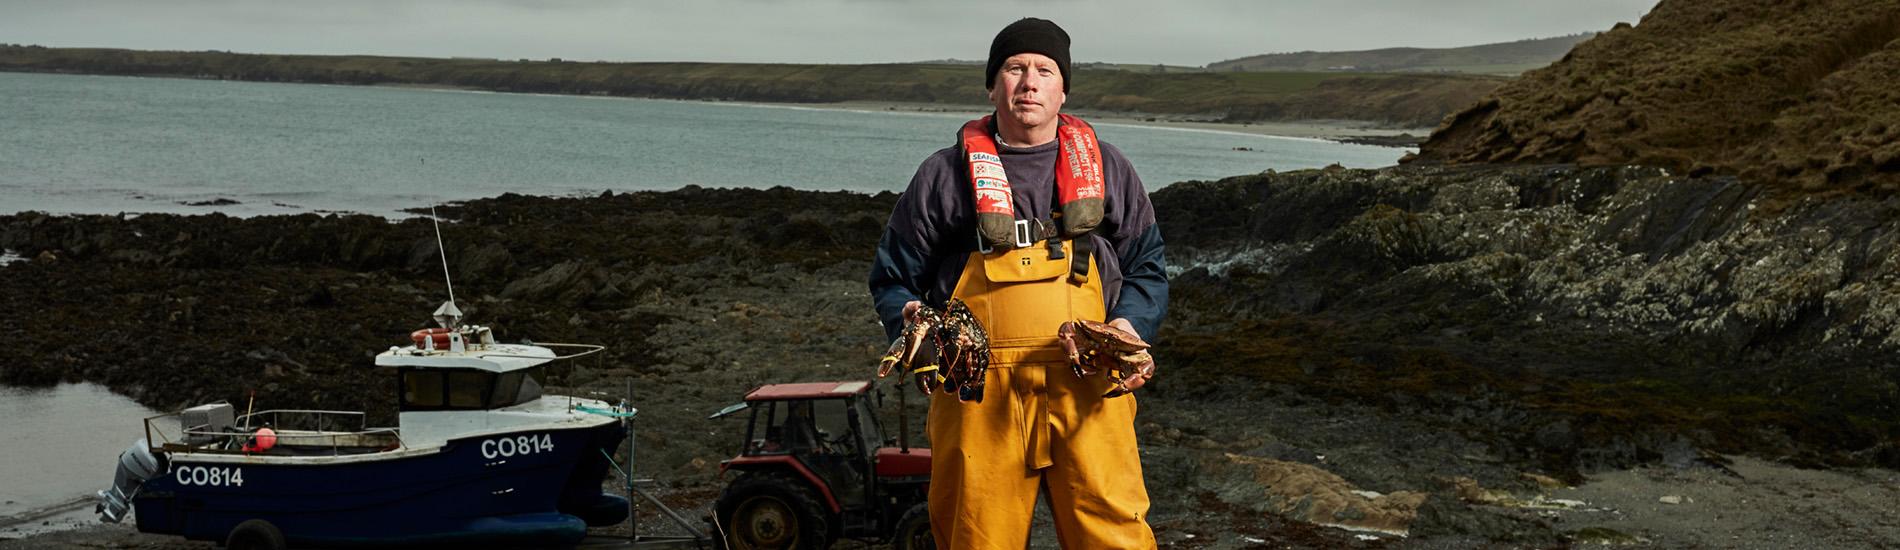 lockdown lobsters sustainable lobsters uk